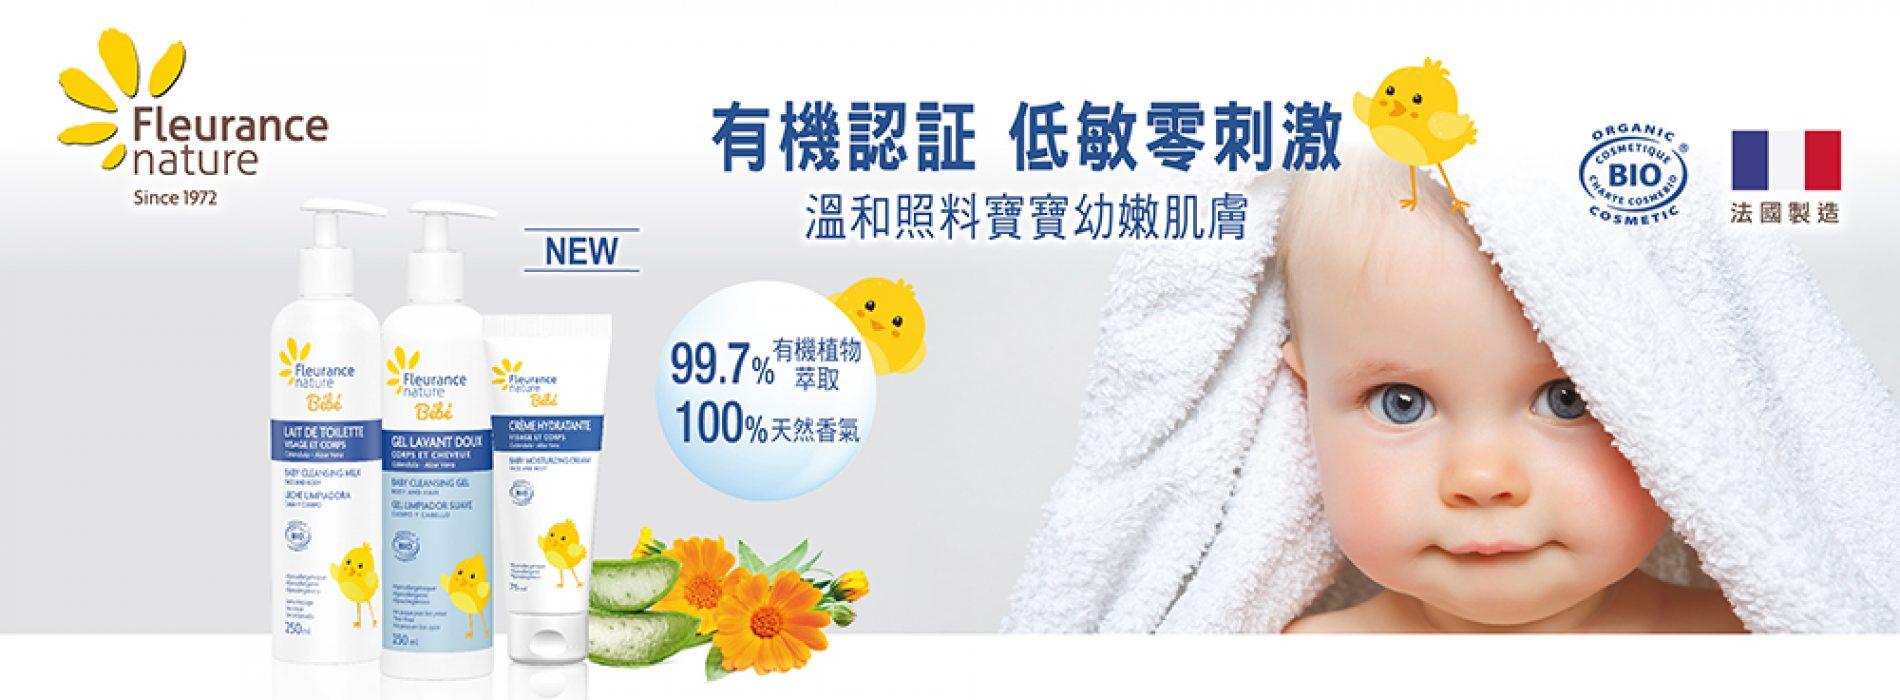 送總值$3,000 Fleurance Nature有機嬰兒護膚套裝